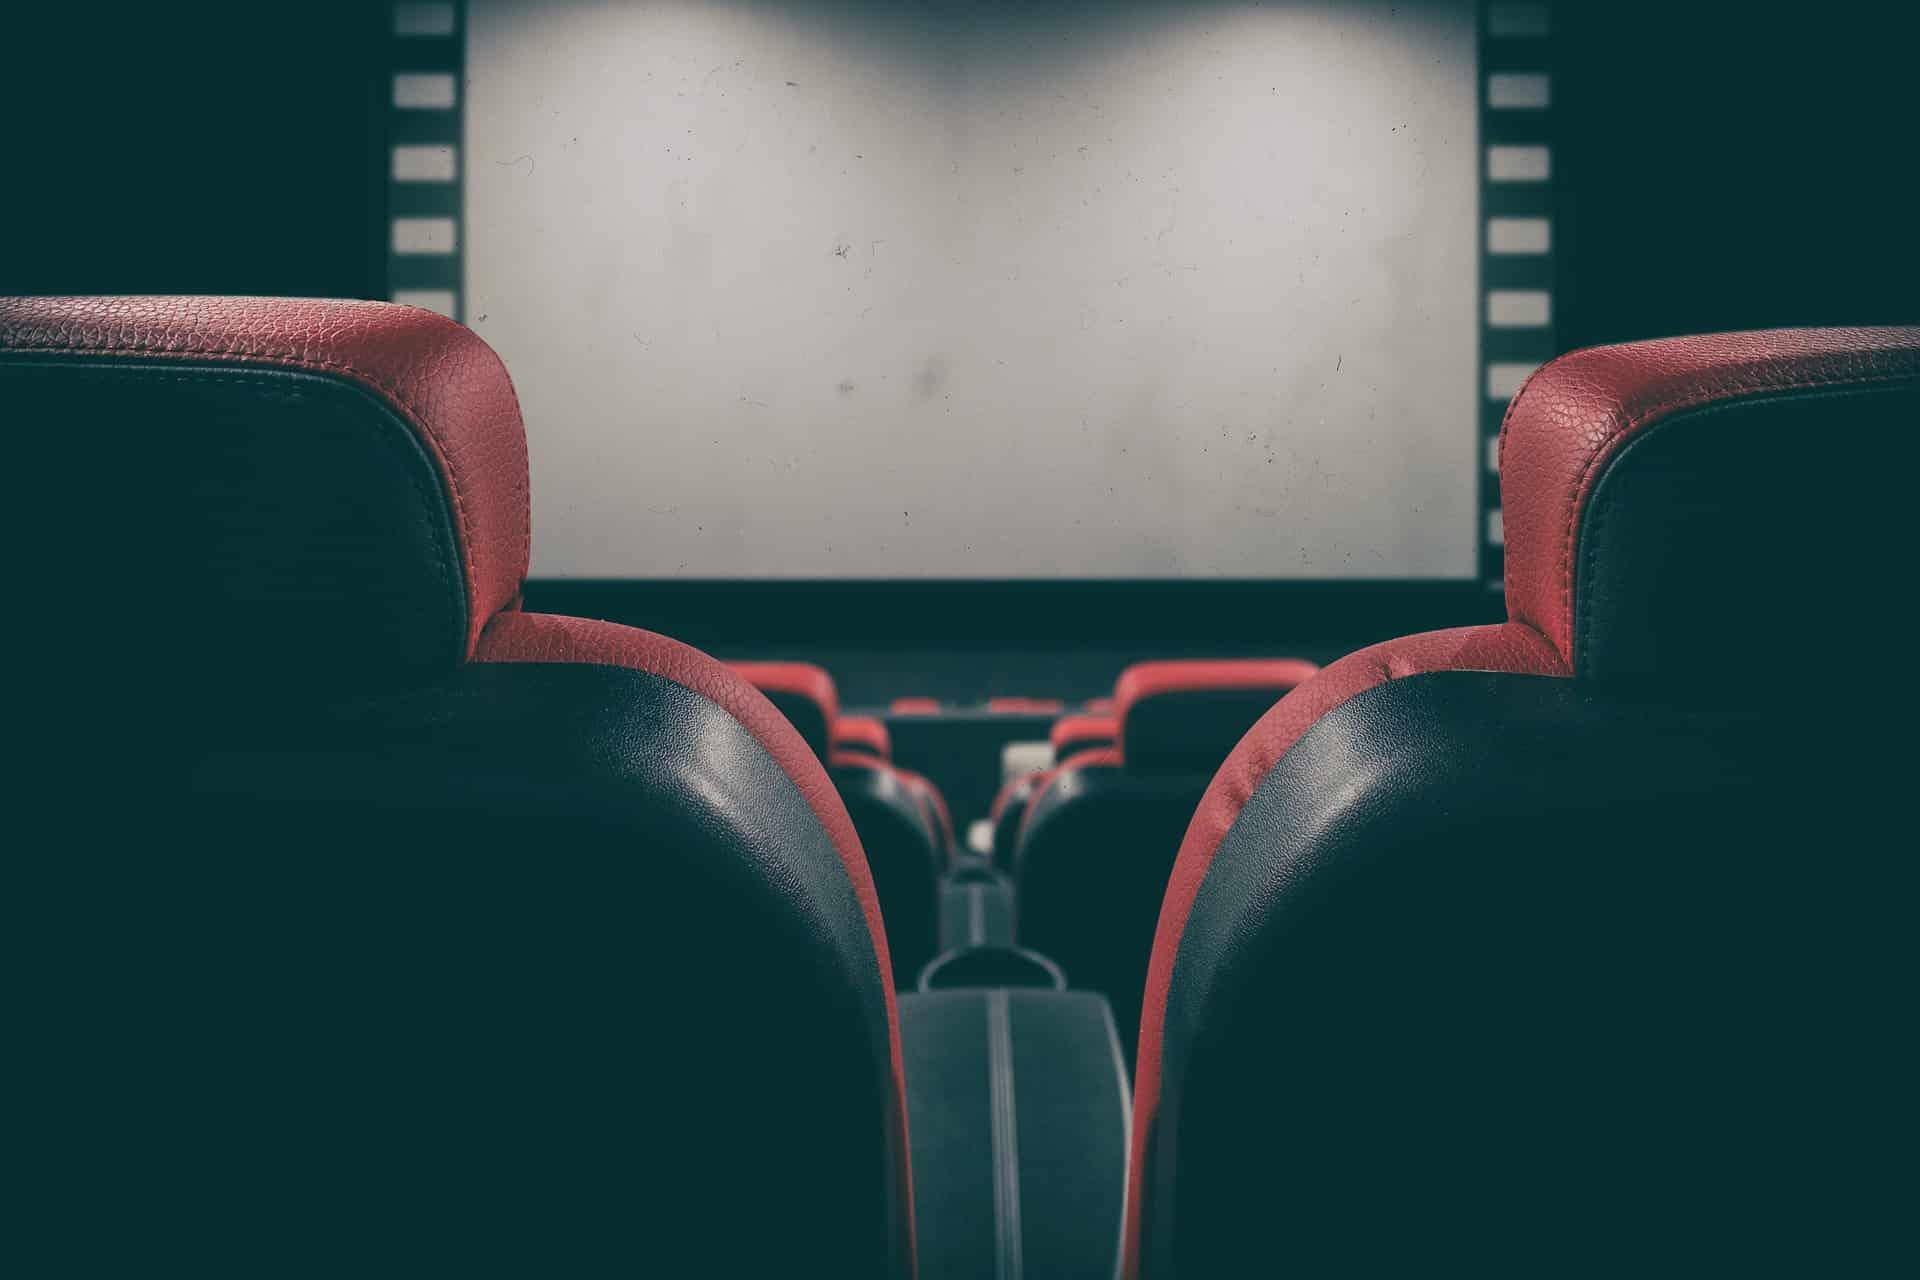 Decreto Legge giugno 2020: nuove regole per cinema, teatri e spettacoli